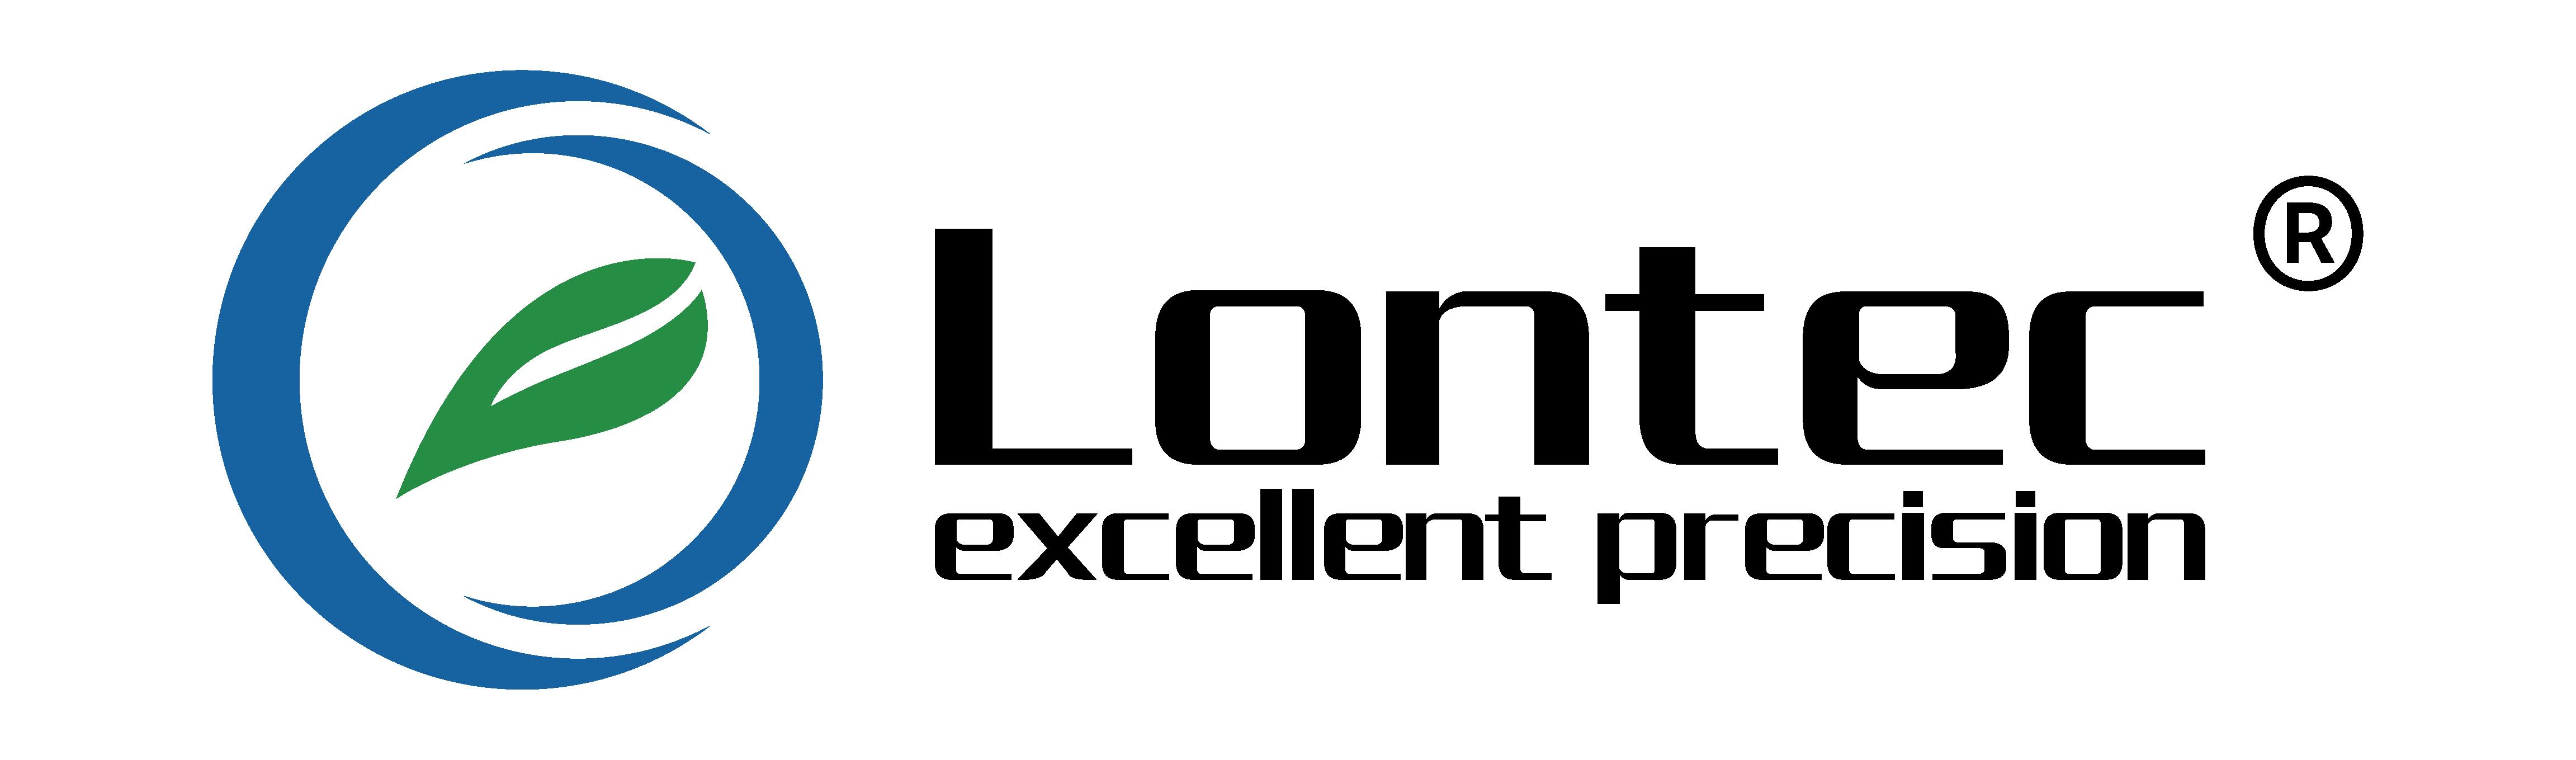 青岛朗科电子科技有限公司